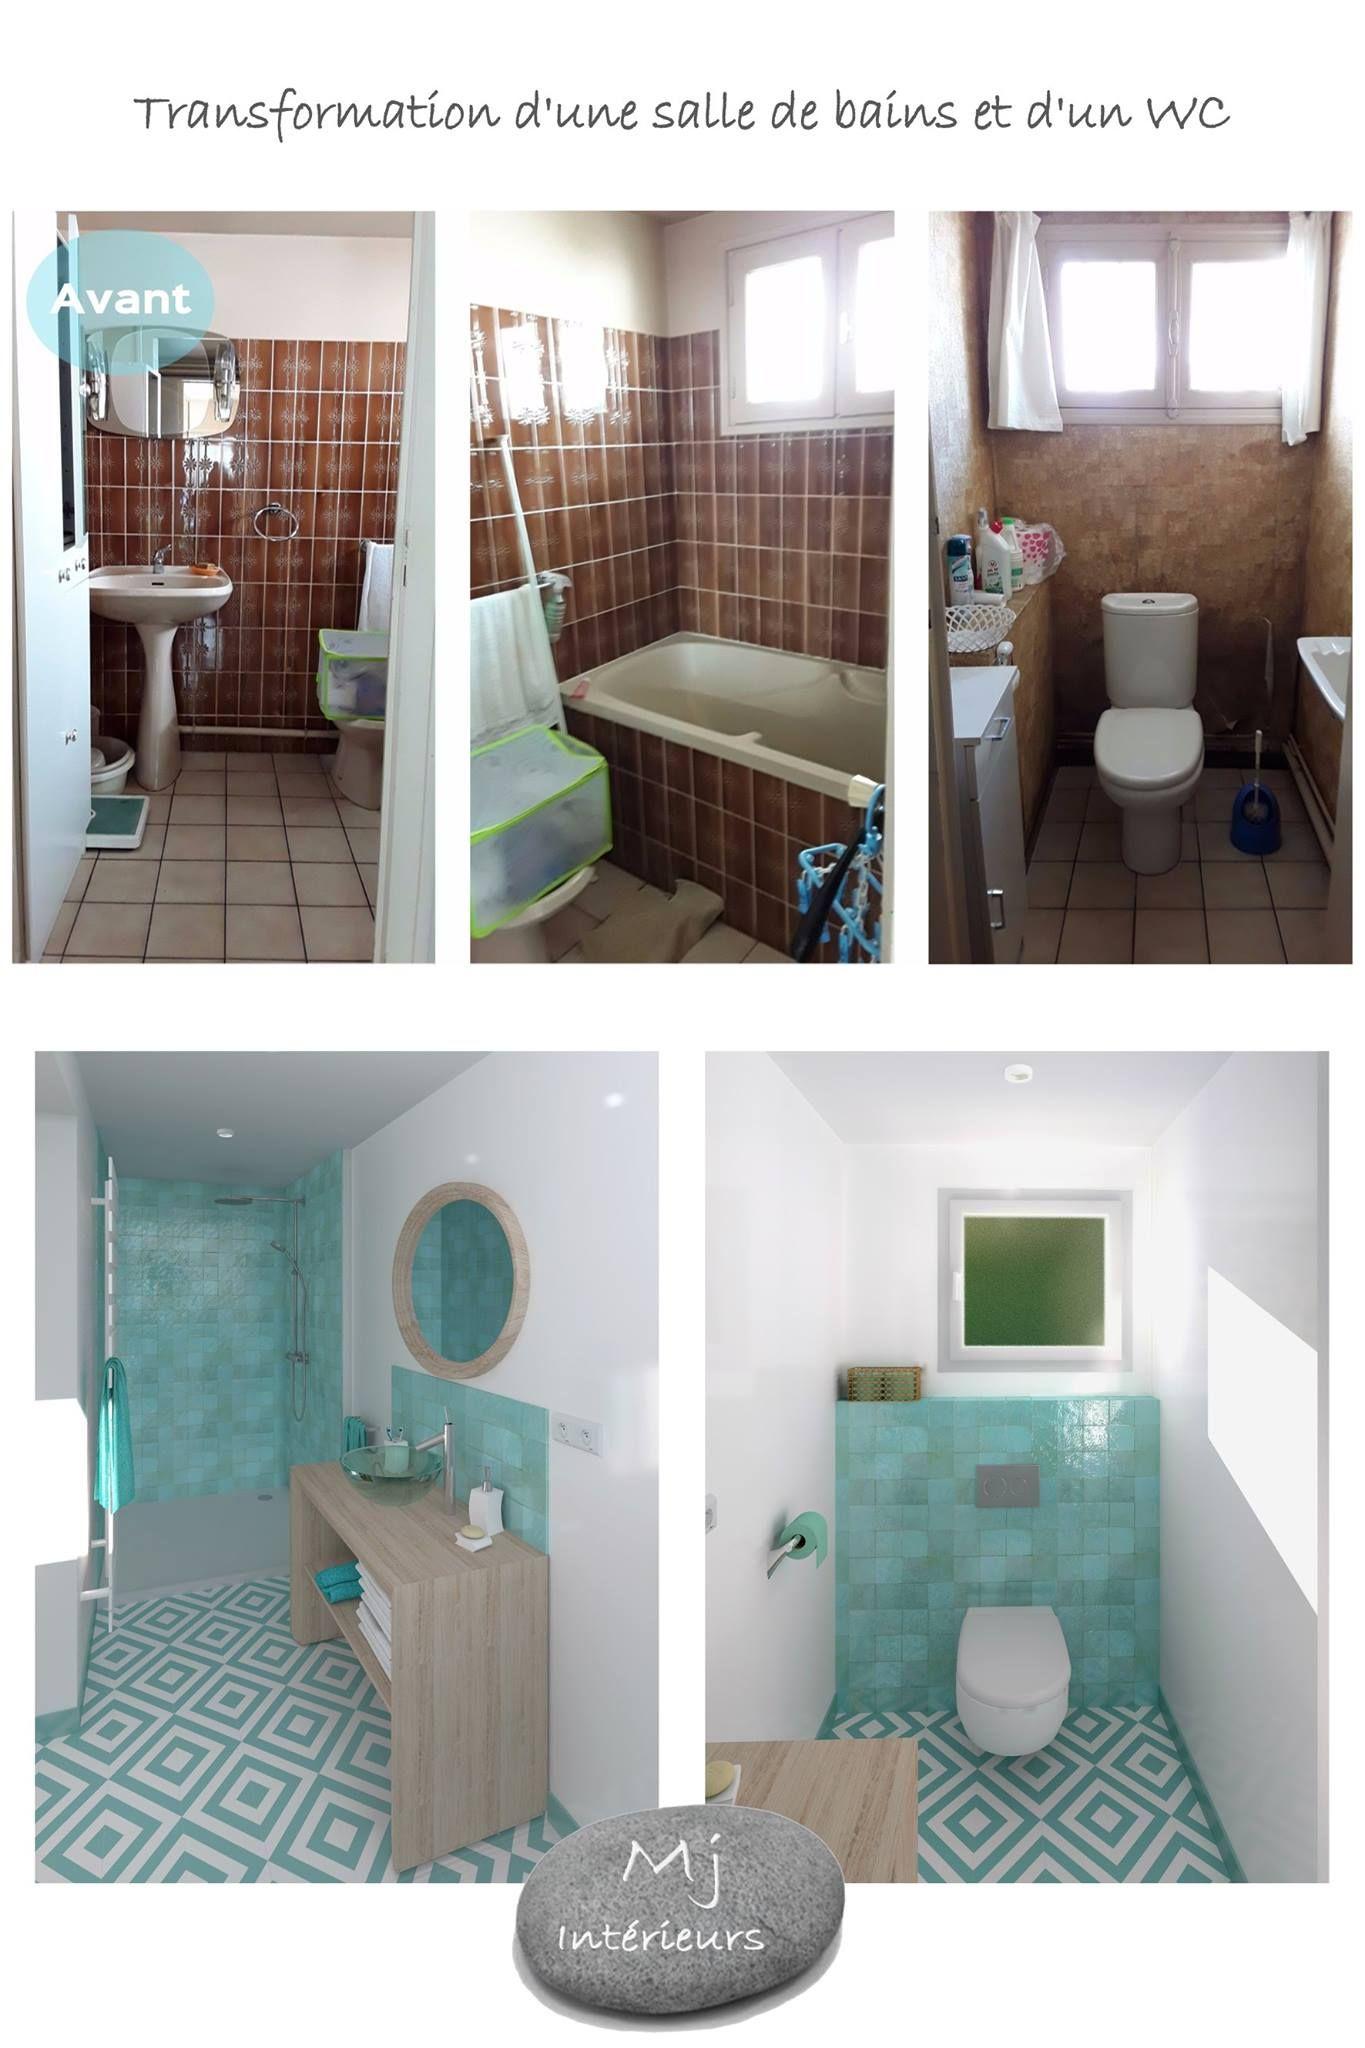 Rénovation Salle De Bain Avant Après avant/après salle de bain wc - rénovation complète d'une